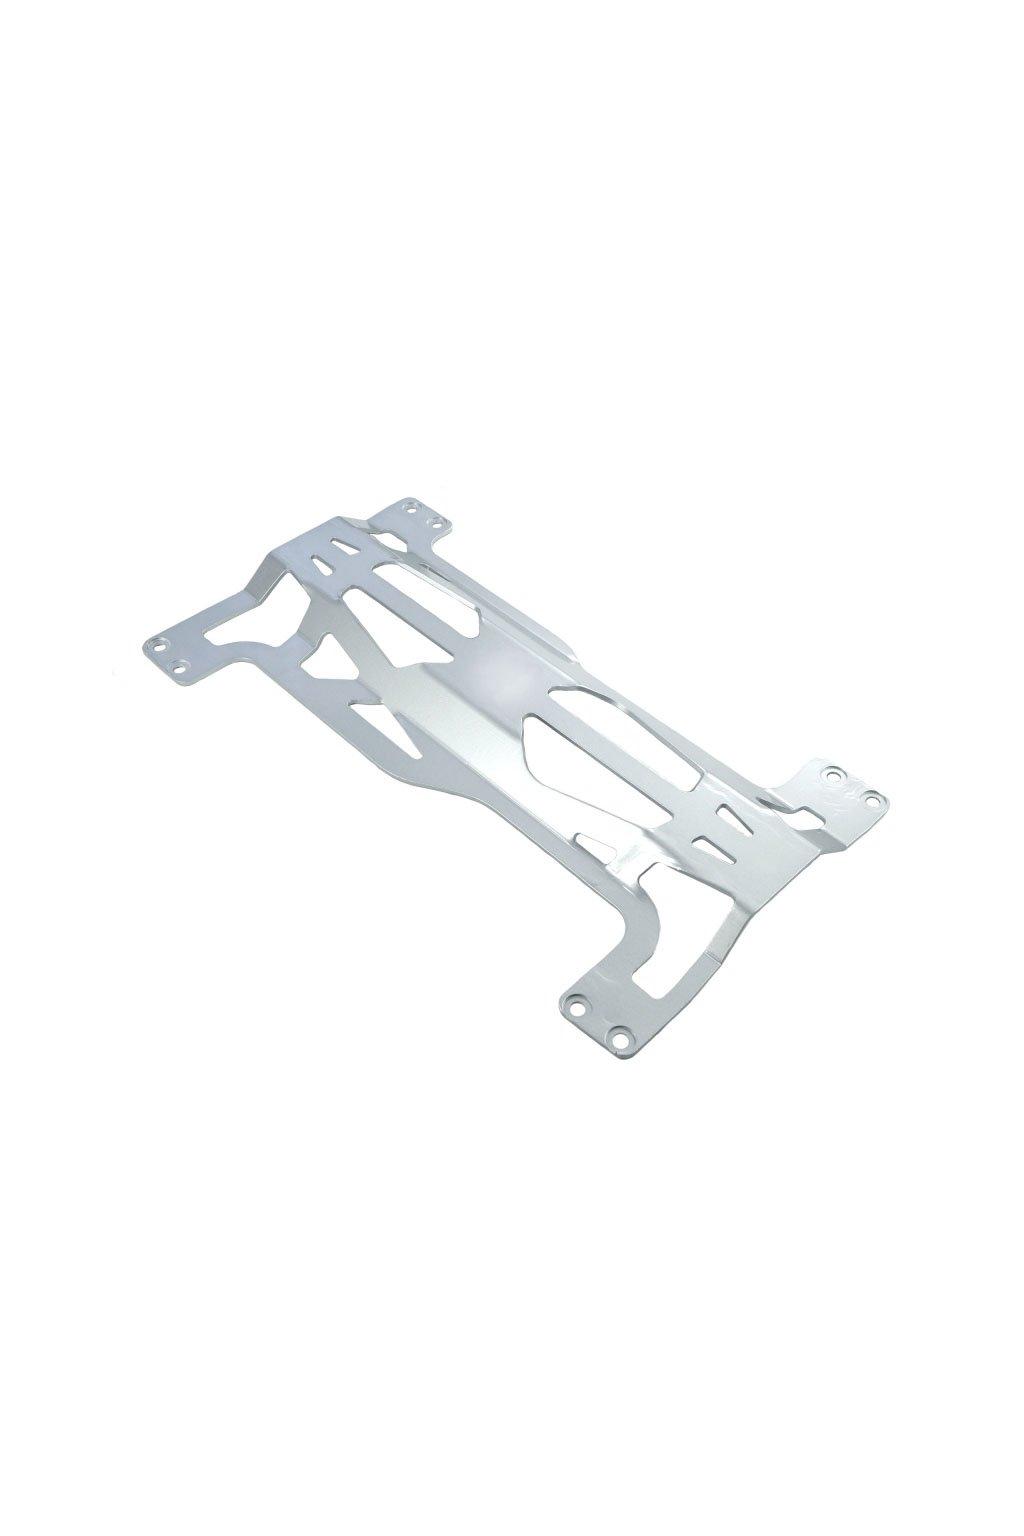 subframe brace